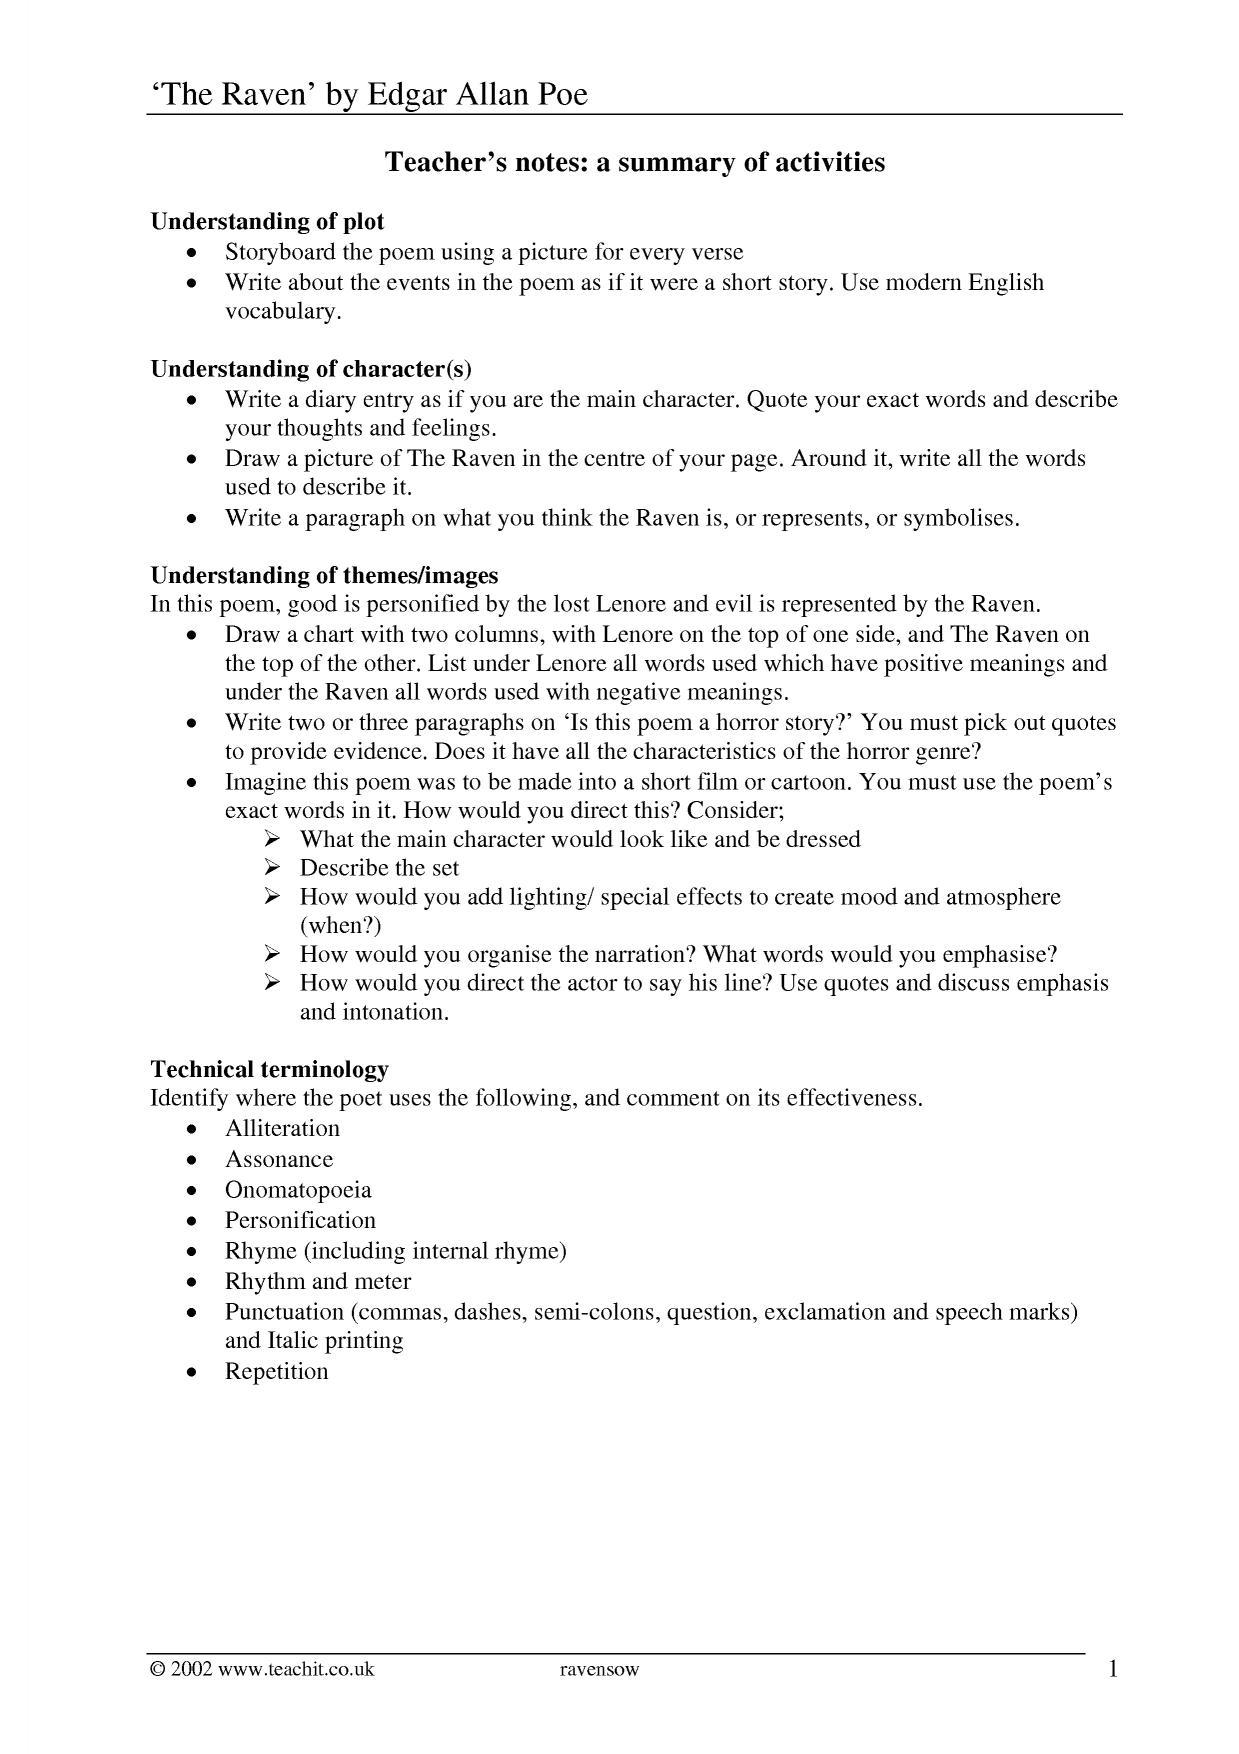 The Raven Scheme Of Work